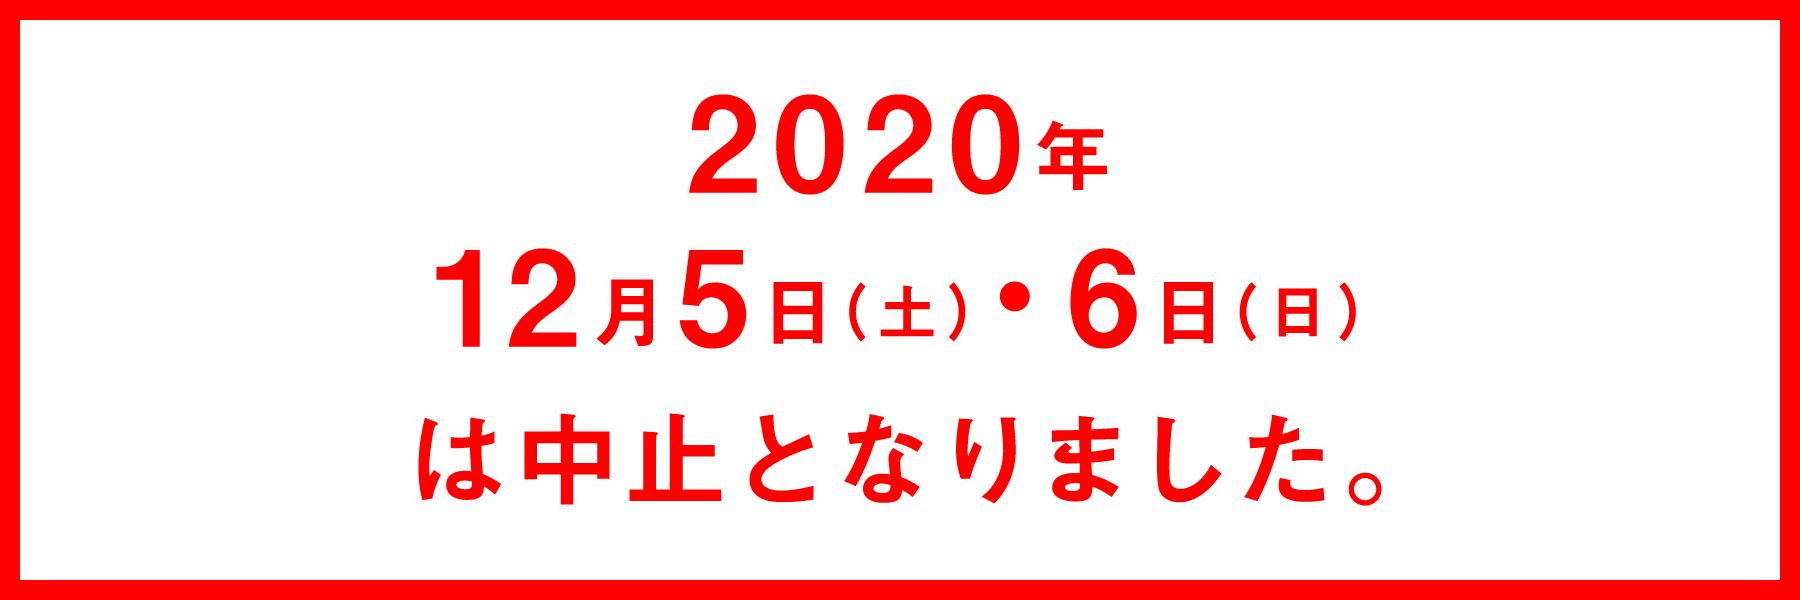 2020年12月5日(土)・6日(日)は中止となりました。